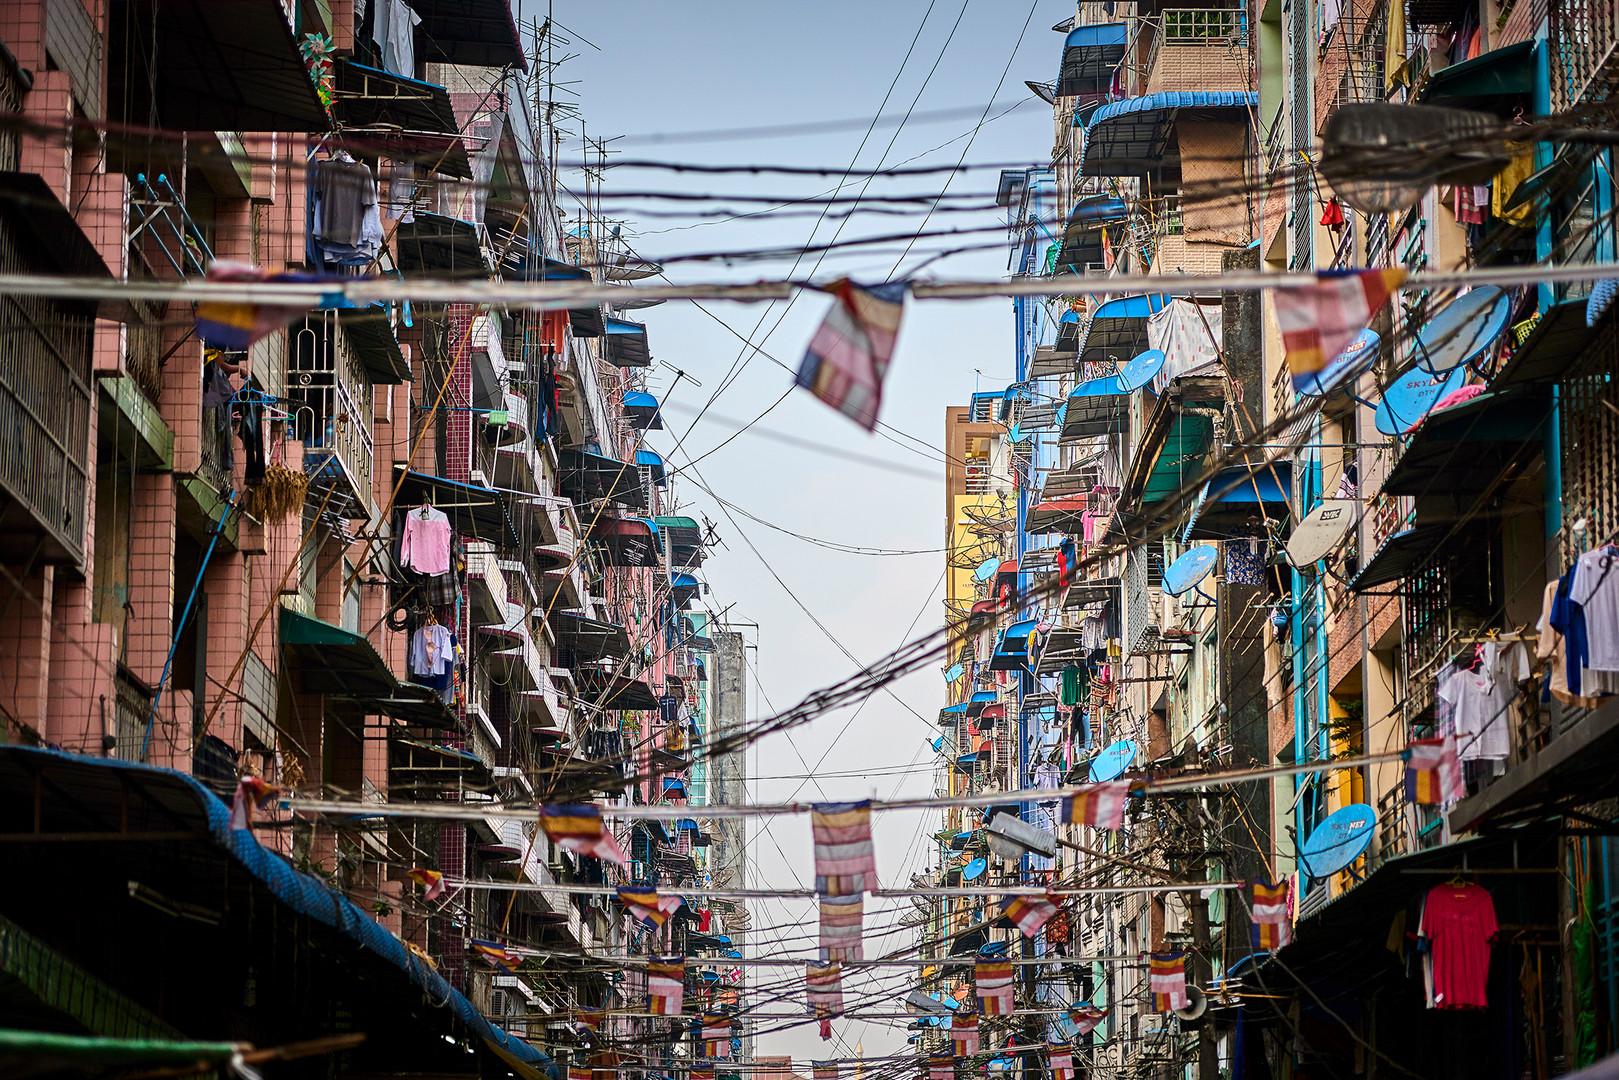 Streets of Yangon Myanmar